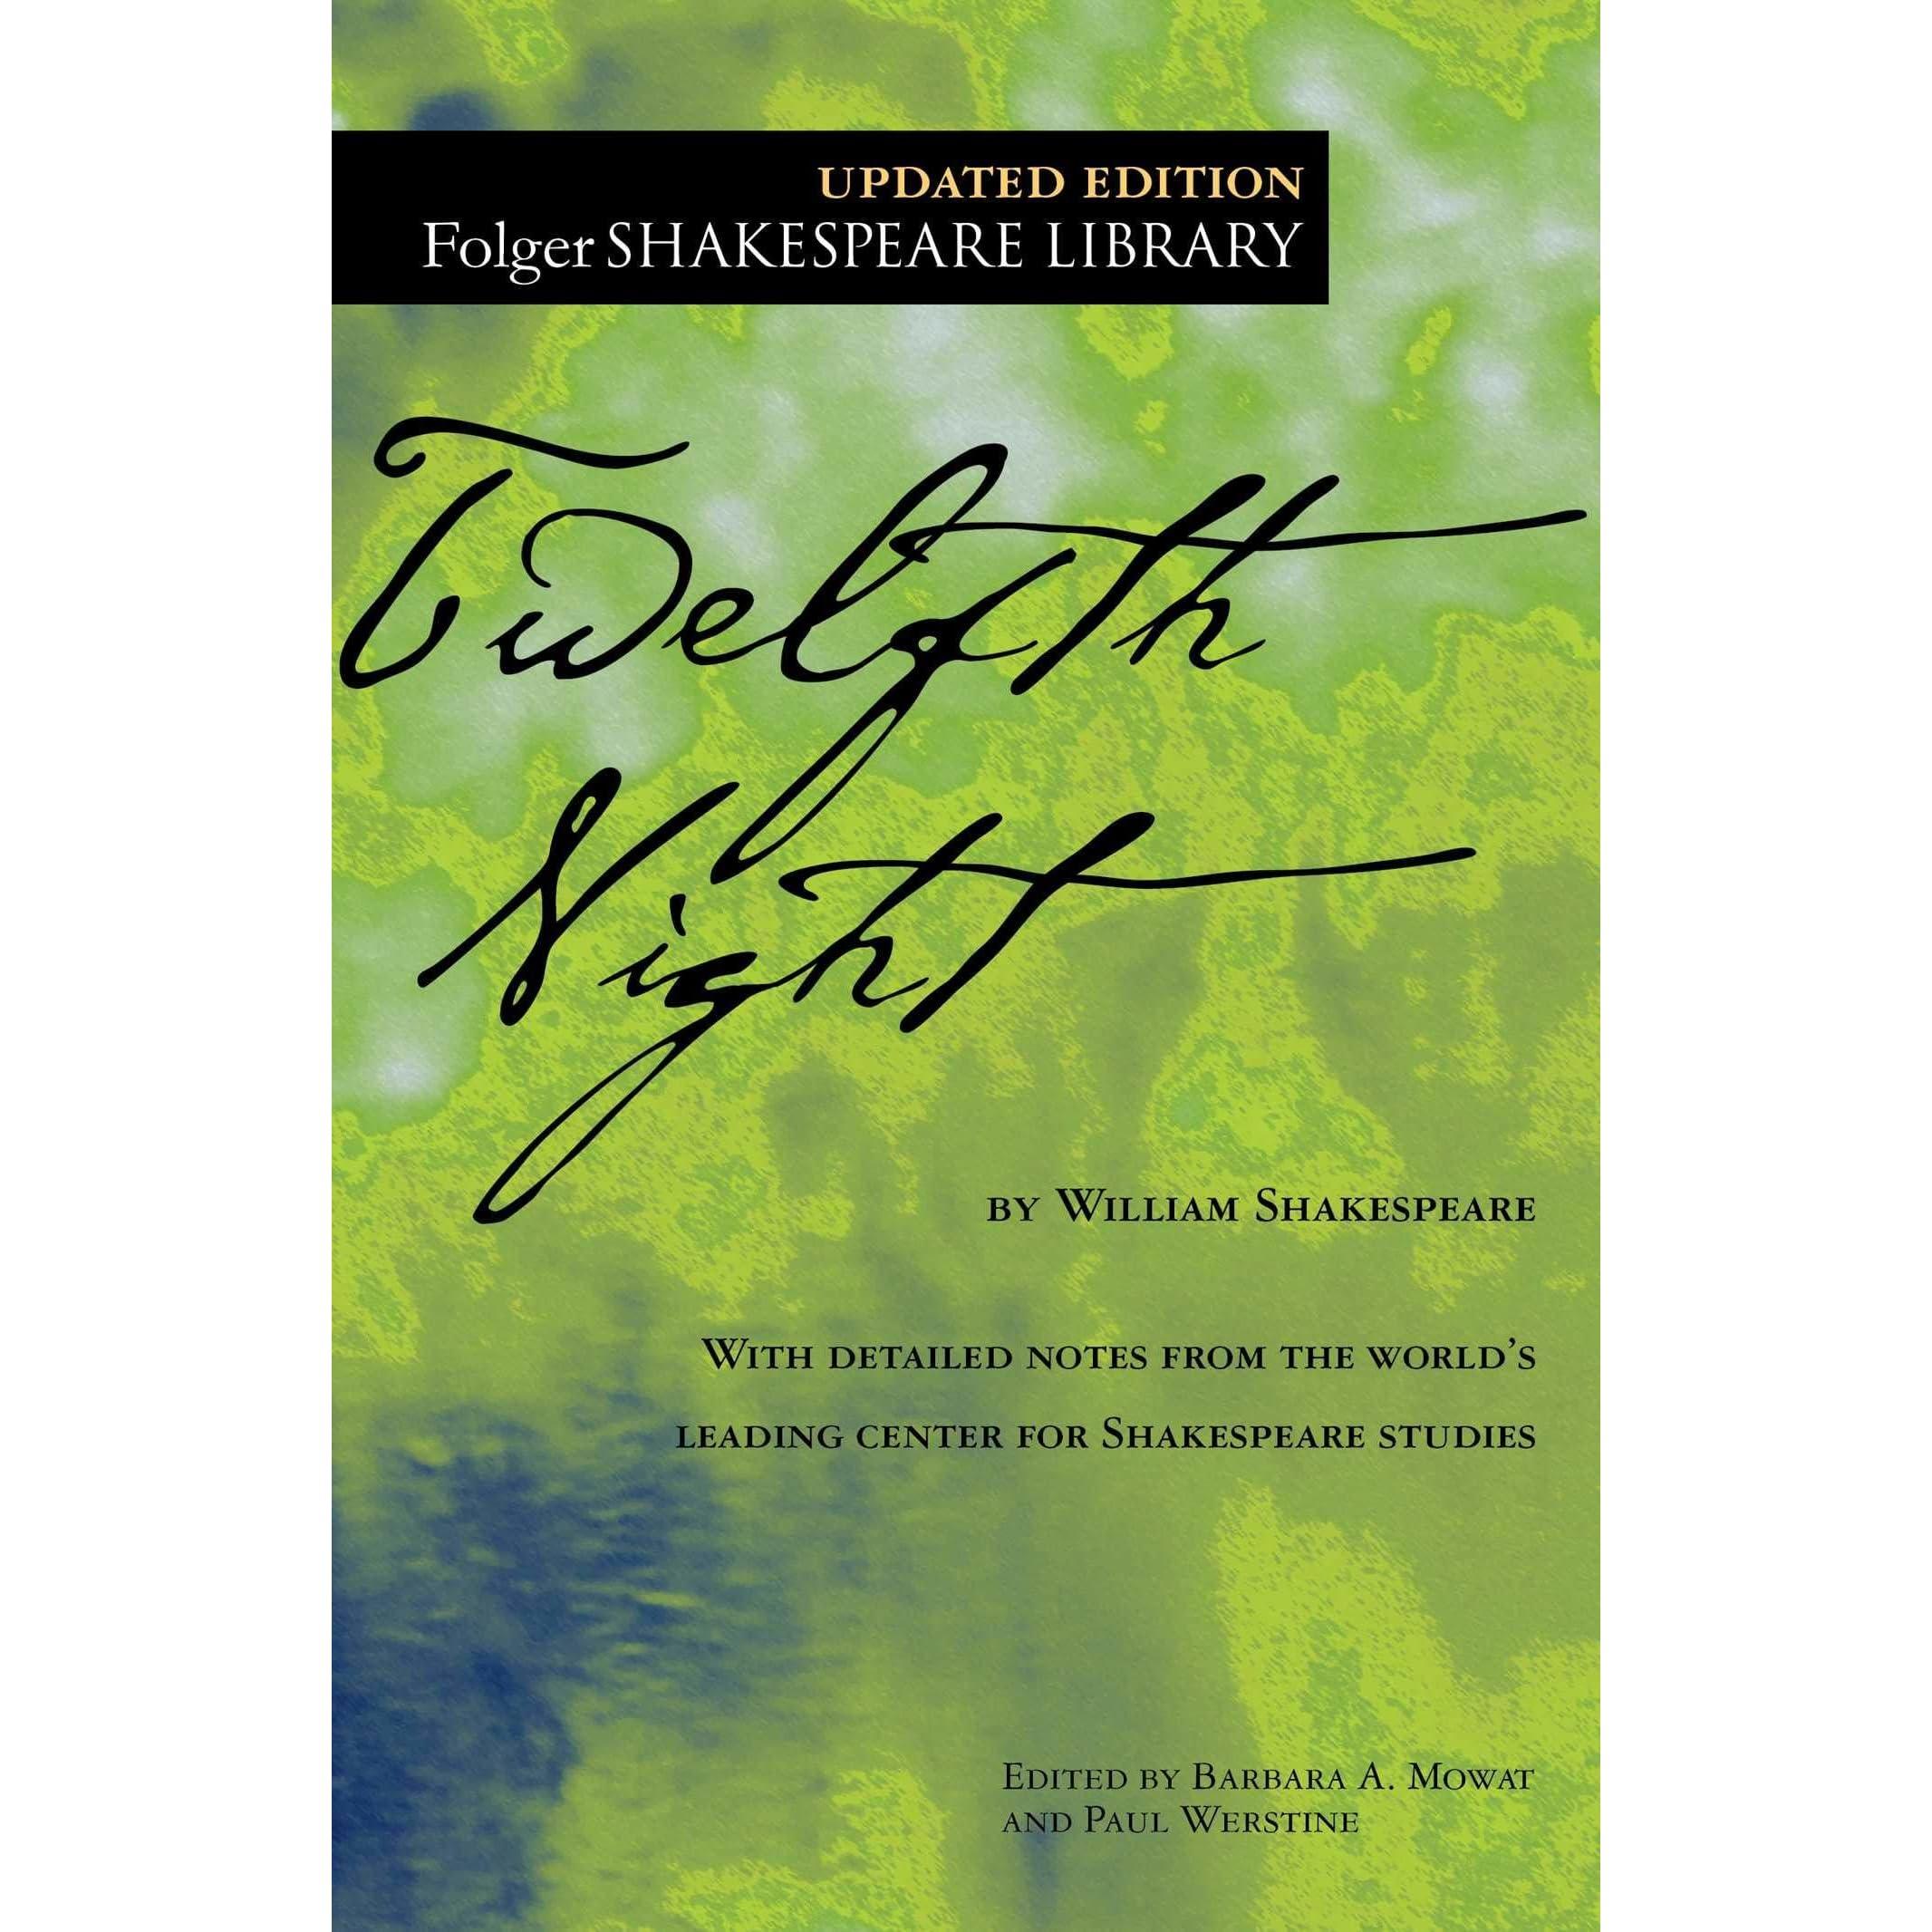 twelfth night by william